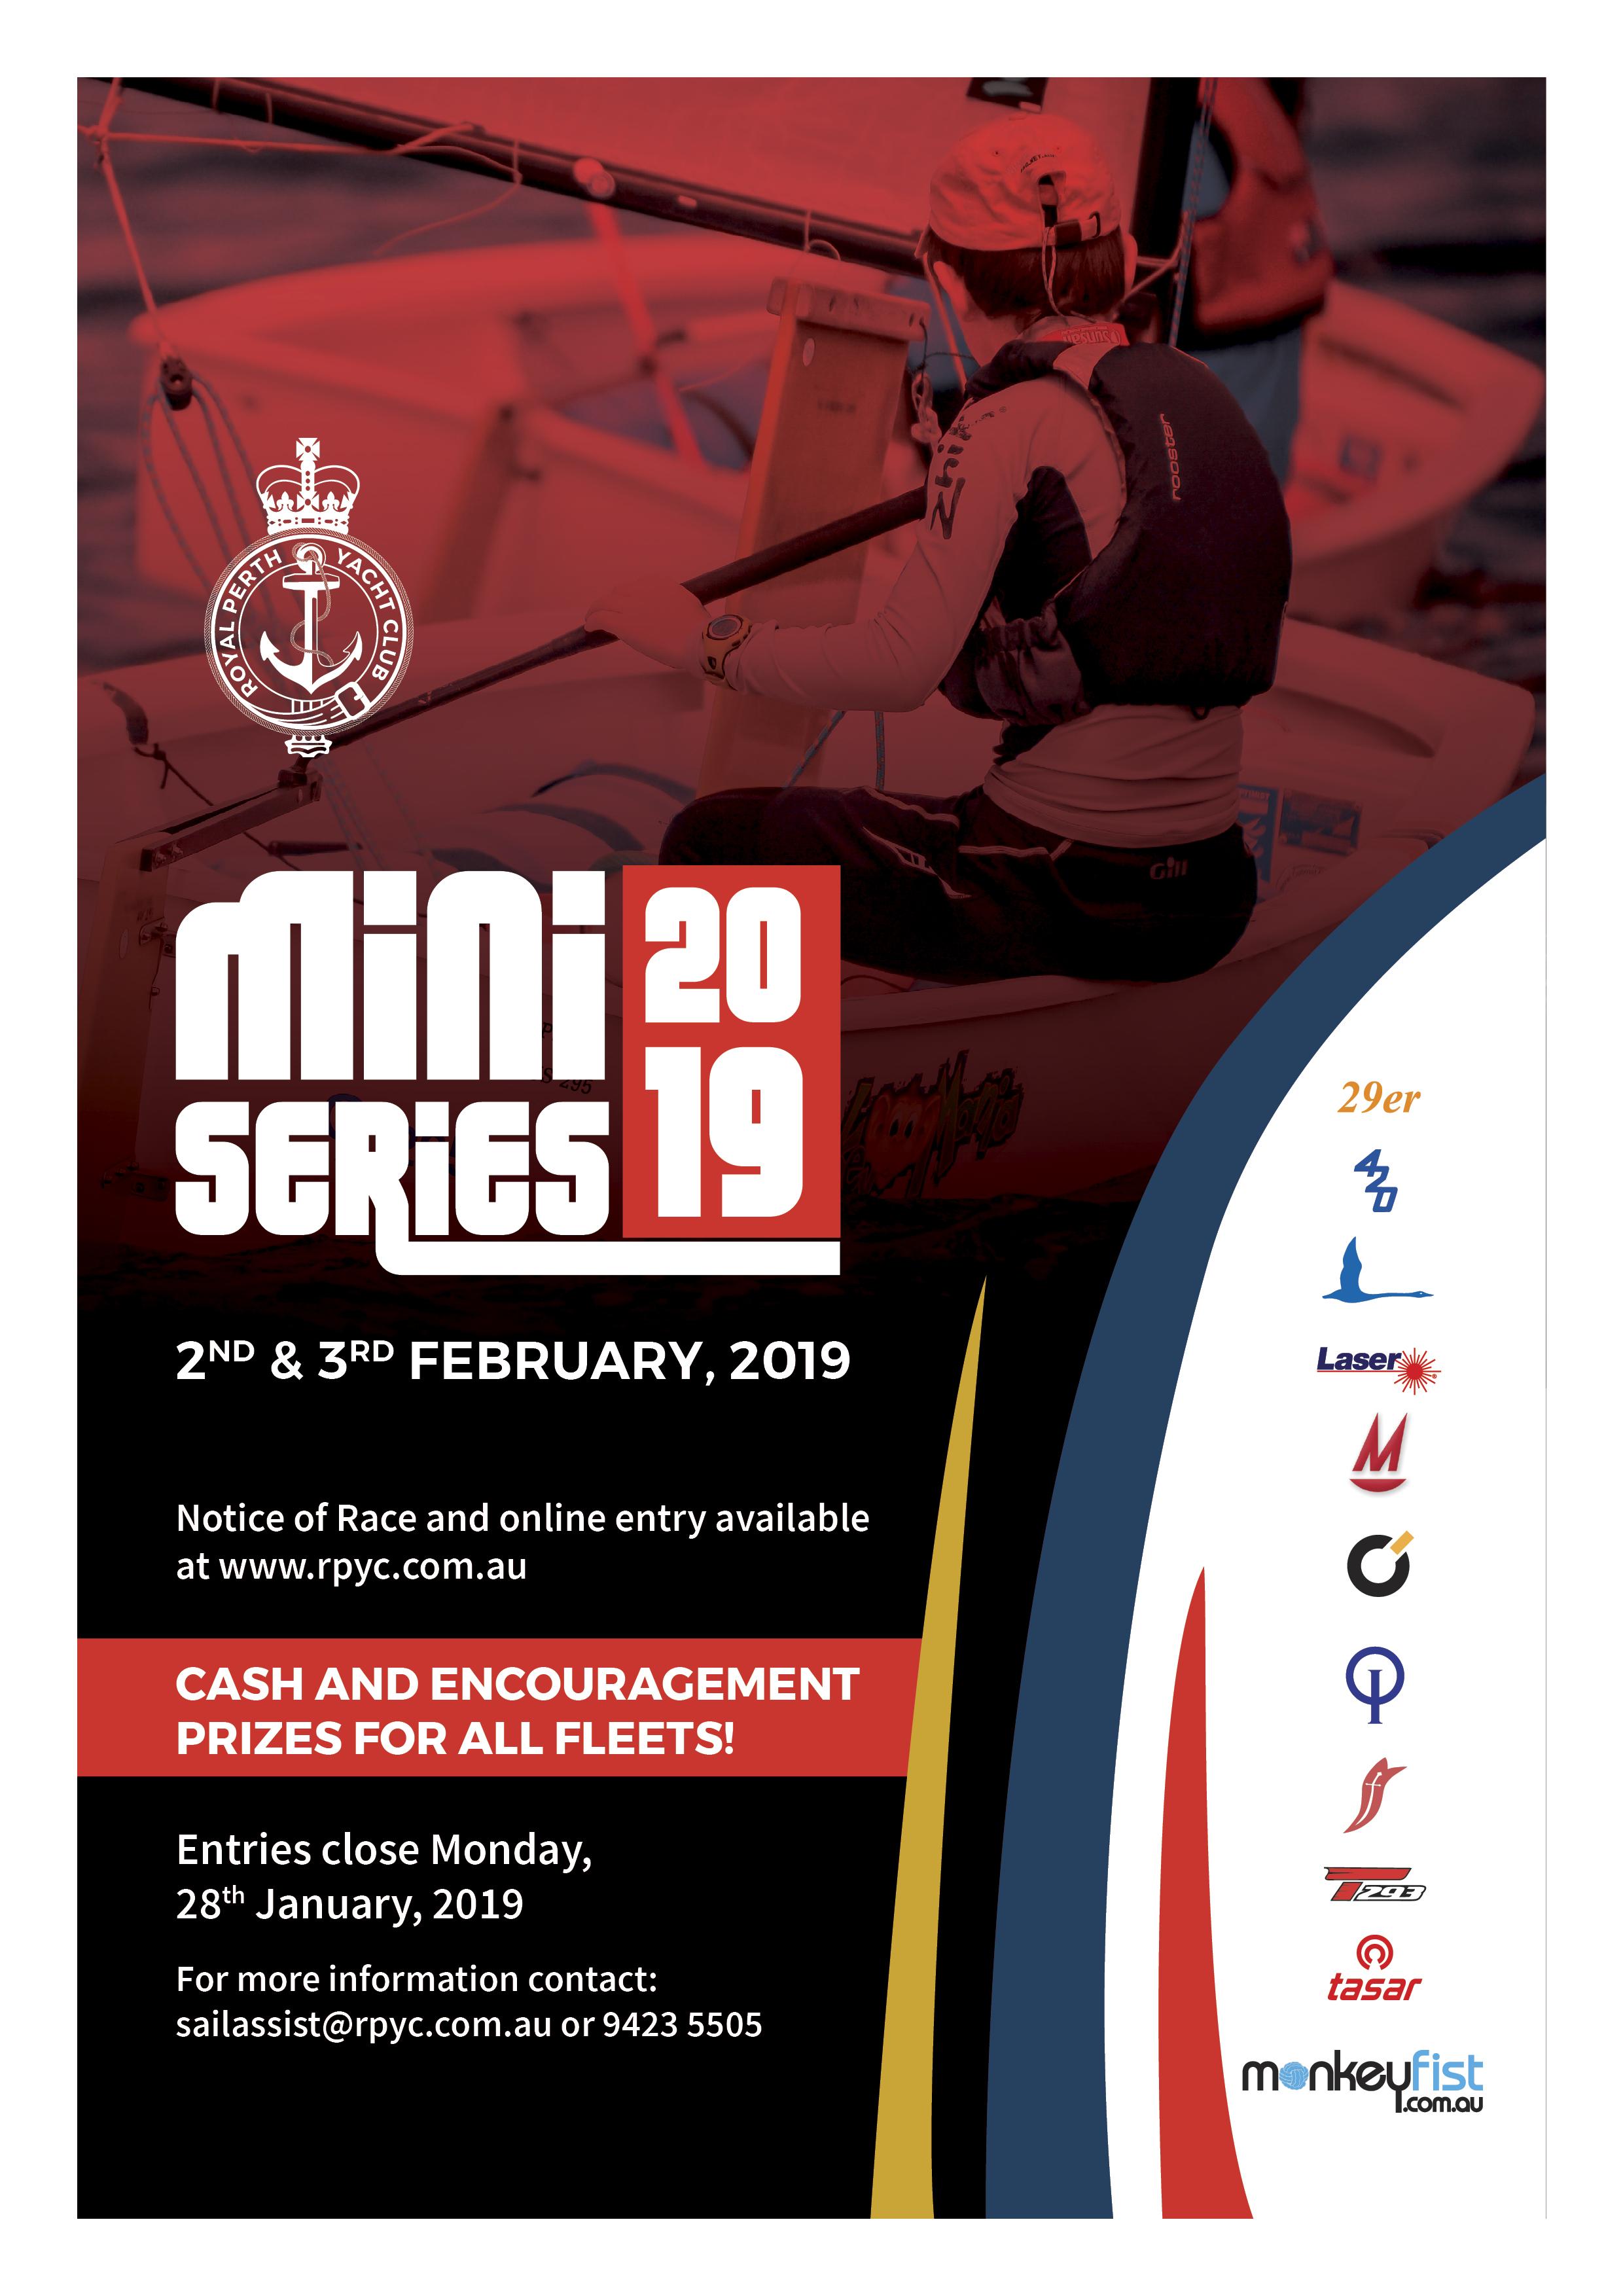 ITW Dec 2018 Mini Series